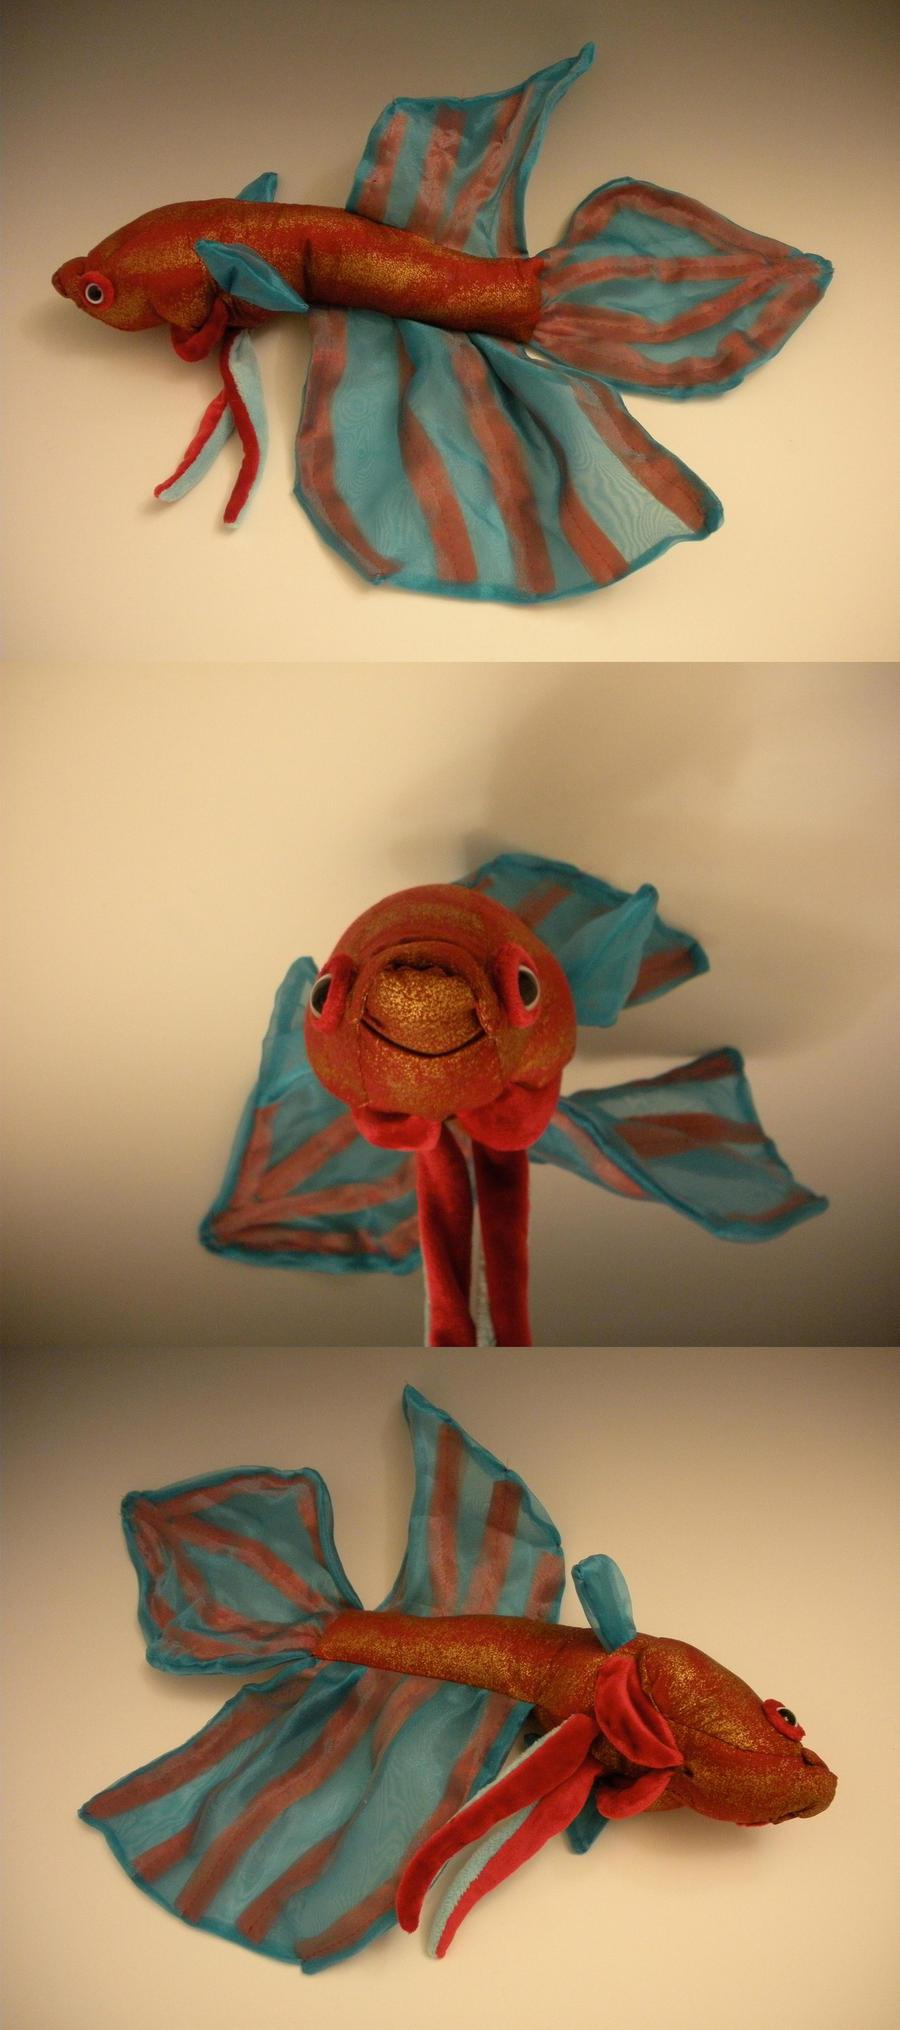 Betta fish plush by whittykitty on deviantart for Betta fish toys